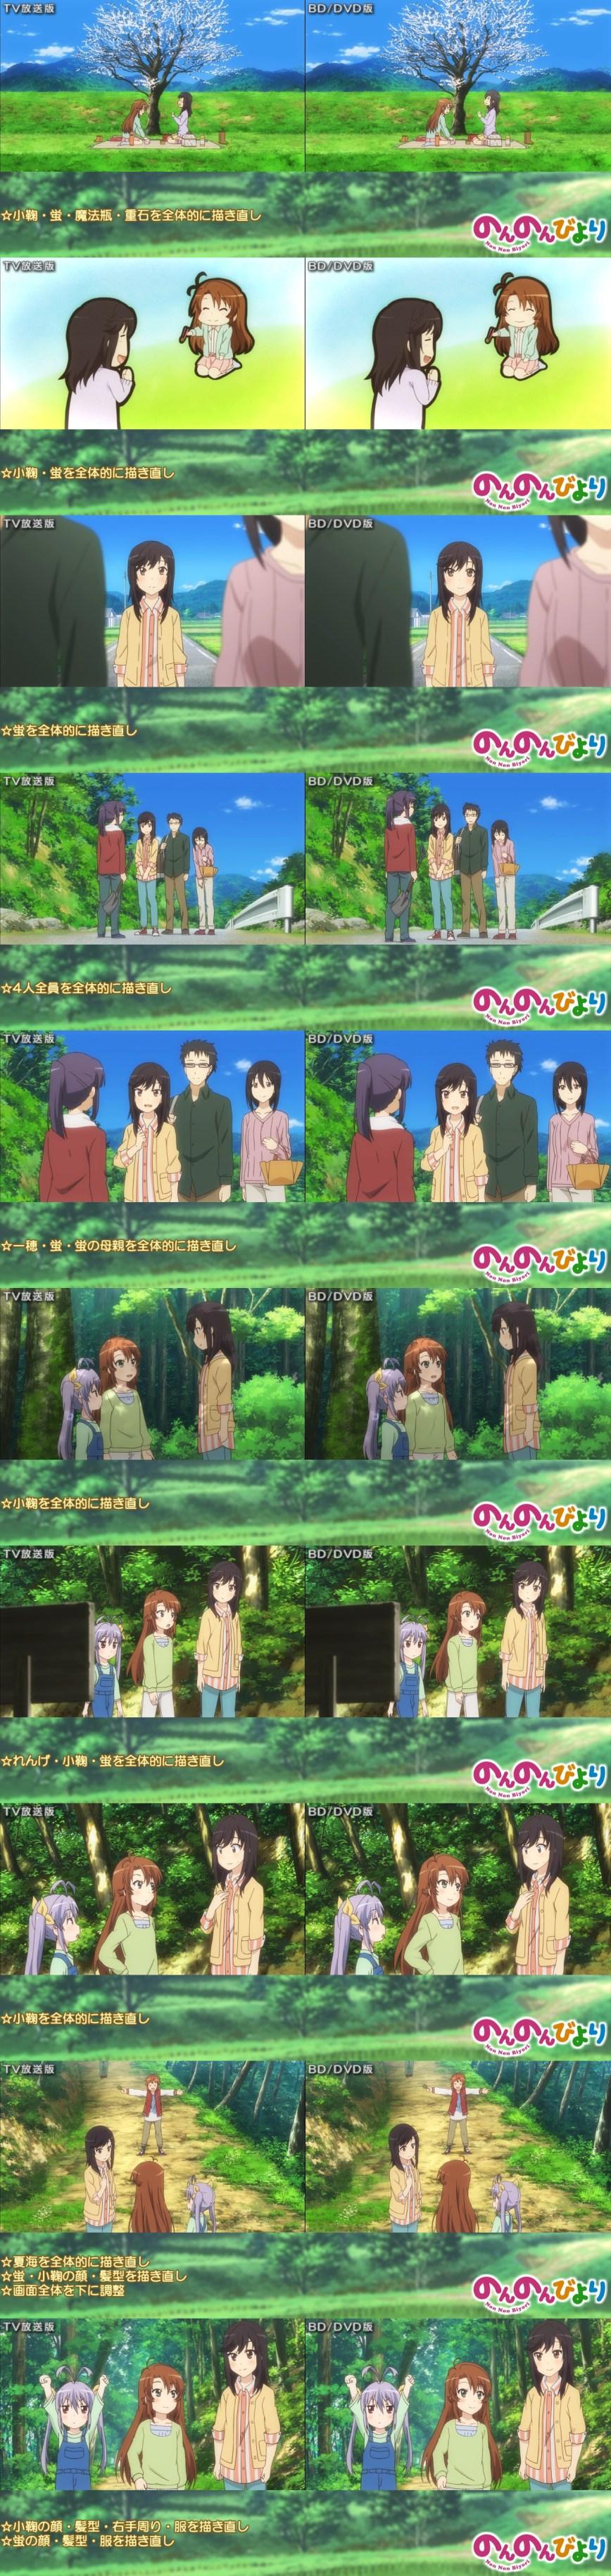 Non-Non-Biyori-TV-and-Blu-ray-Comparisons-Episode-12-2